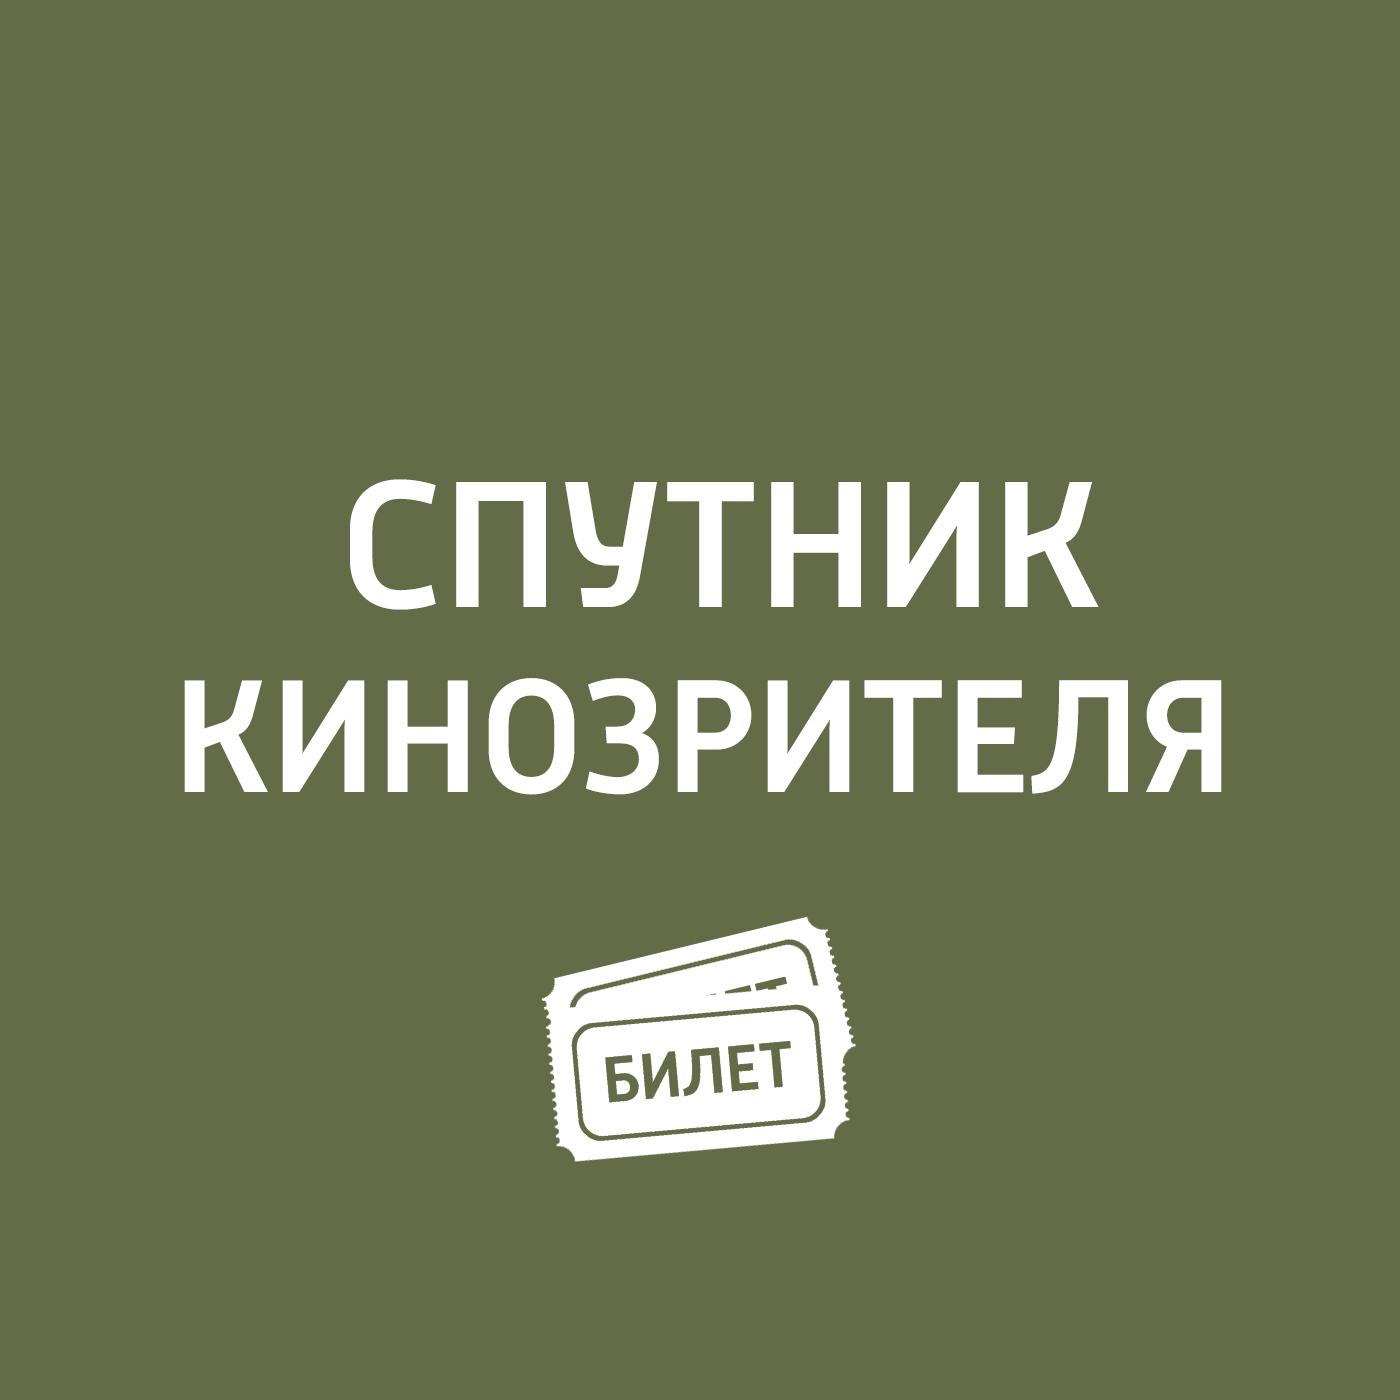 Антон Долин Антон Долин о Каннском кинофестивале. 14 мая антон долин дни жатвы